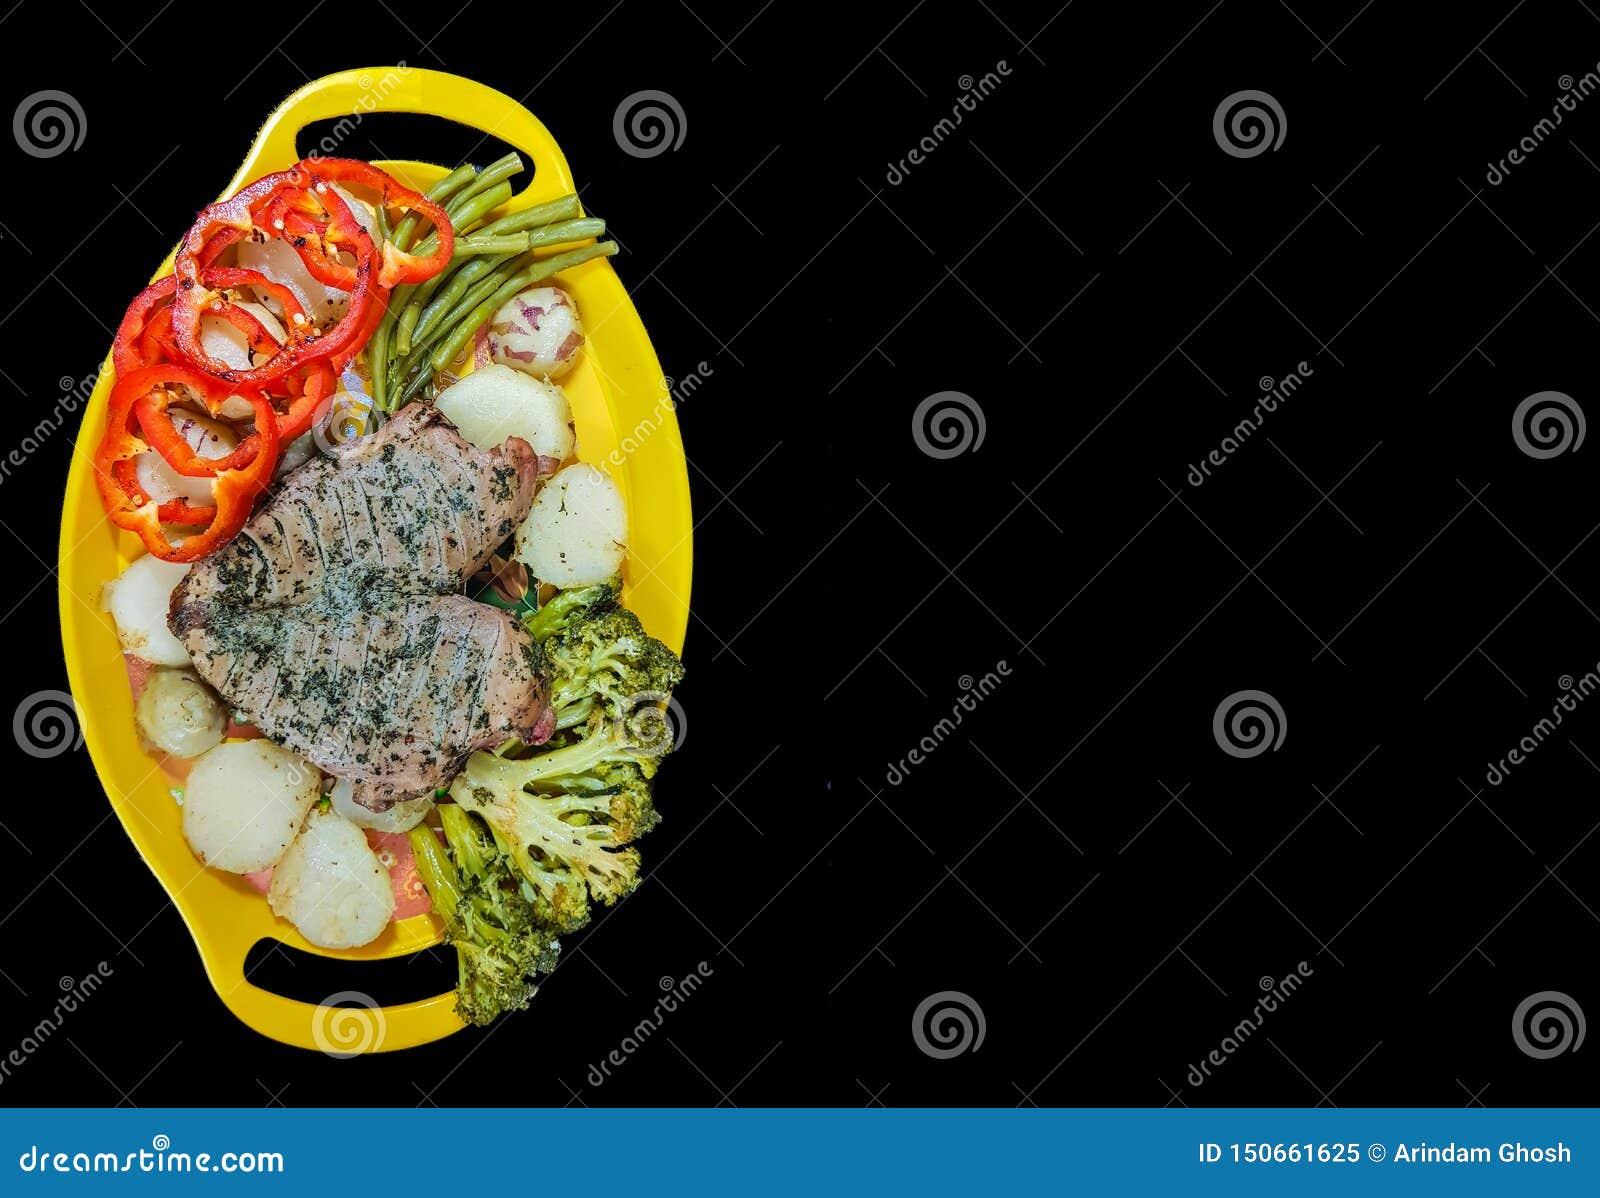 Πιάτο της μπριζόλας και των λαχανικών σε ένα κίτρινο πιάτο σε ένα μαύρο υπόβαθρο με το διάστημα για το κείμενο